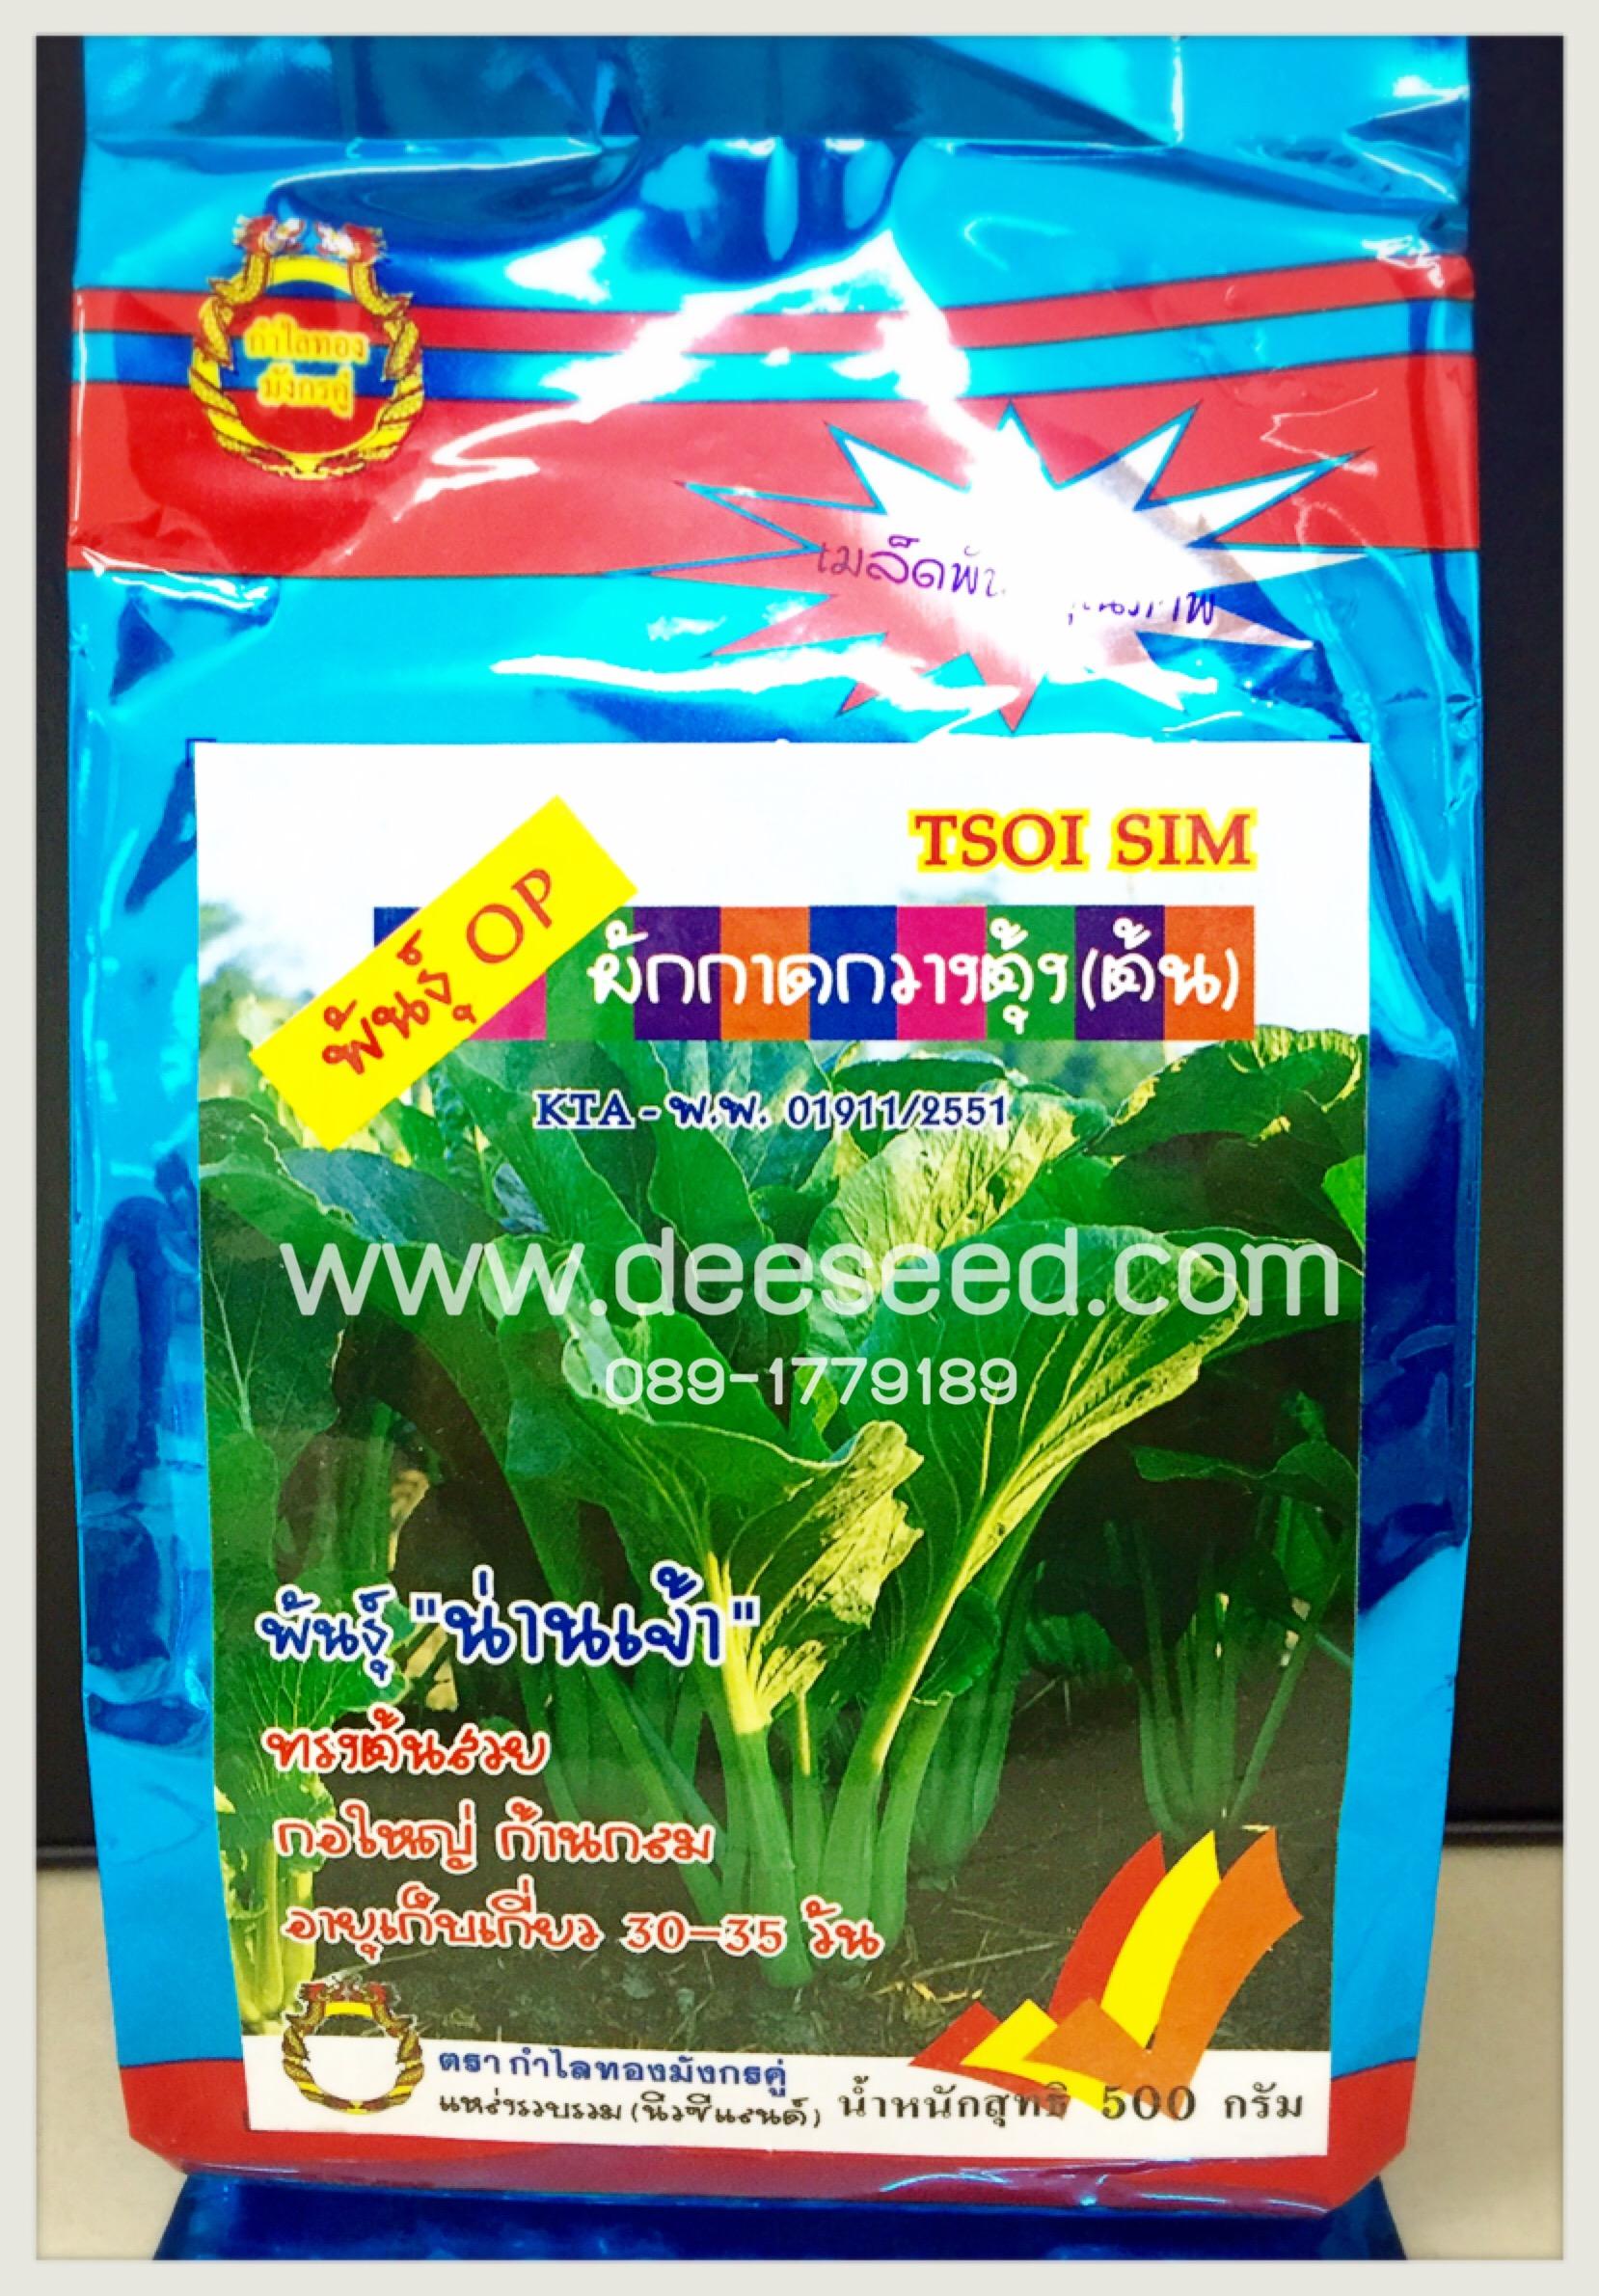 กวางตุ้งต้น แพคใหญ่( 500 กรัม)